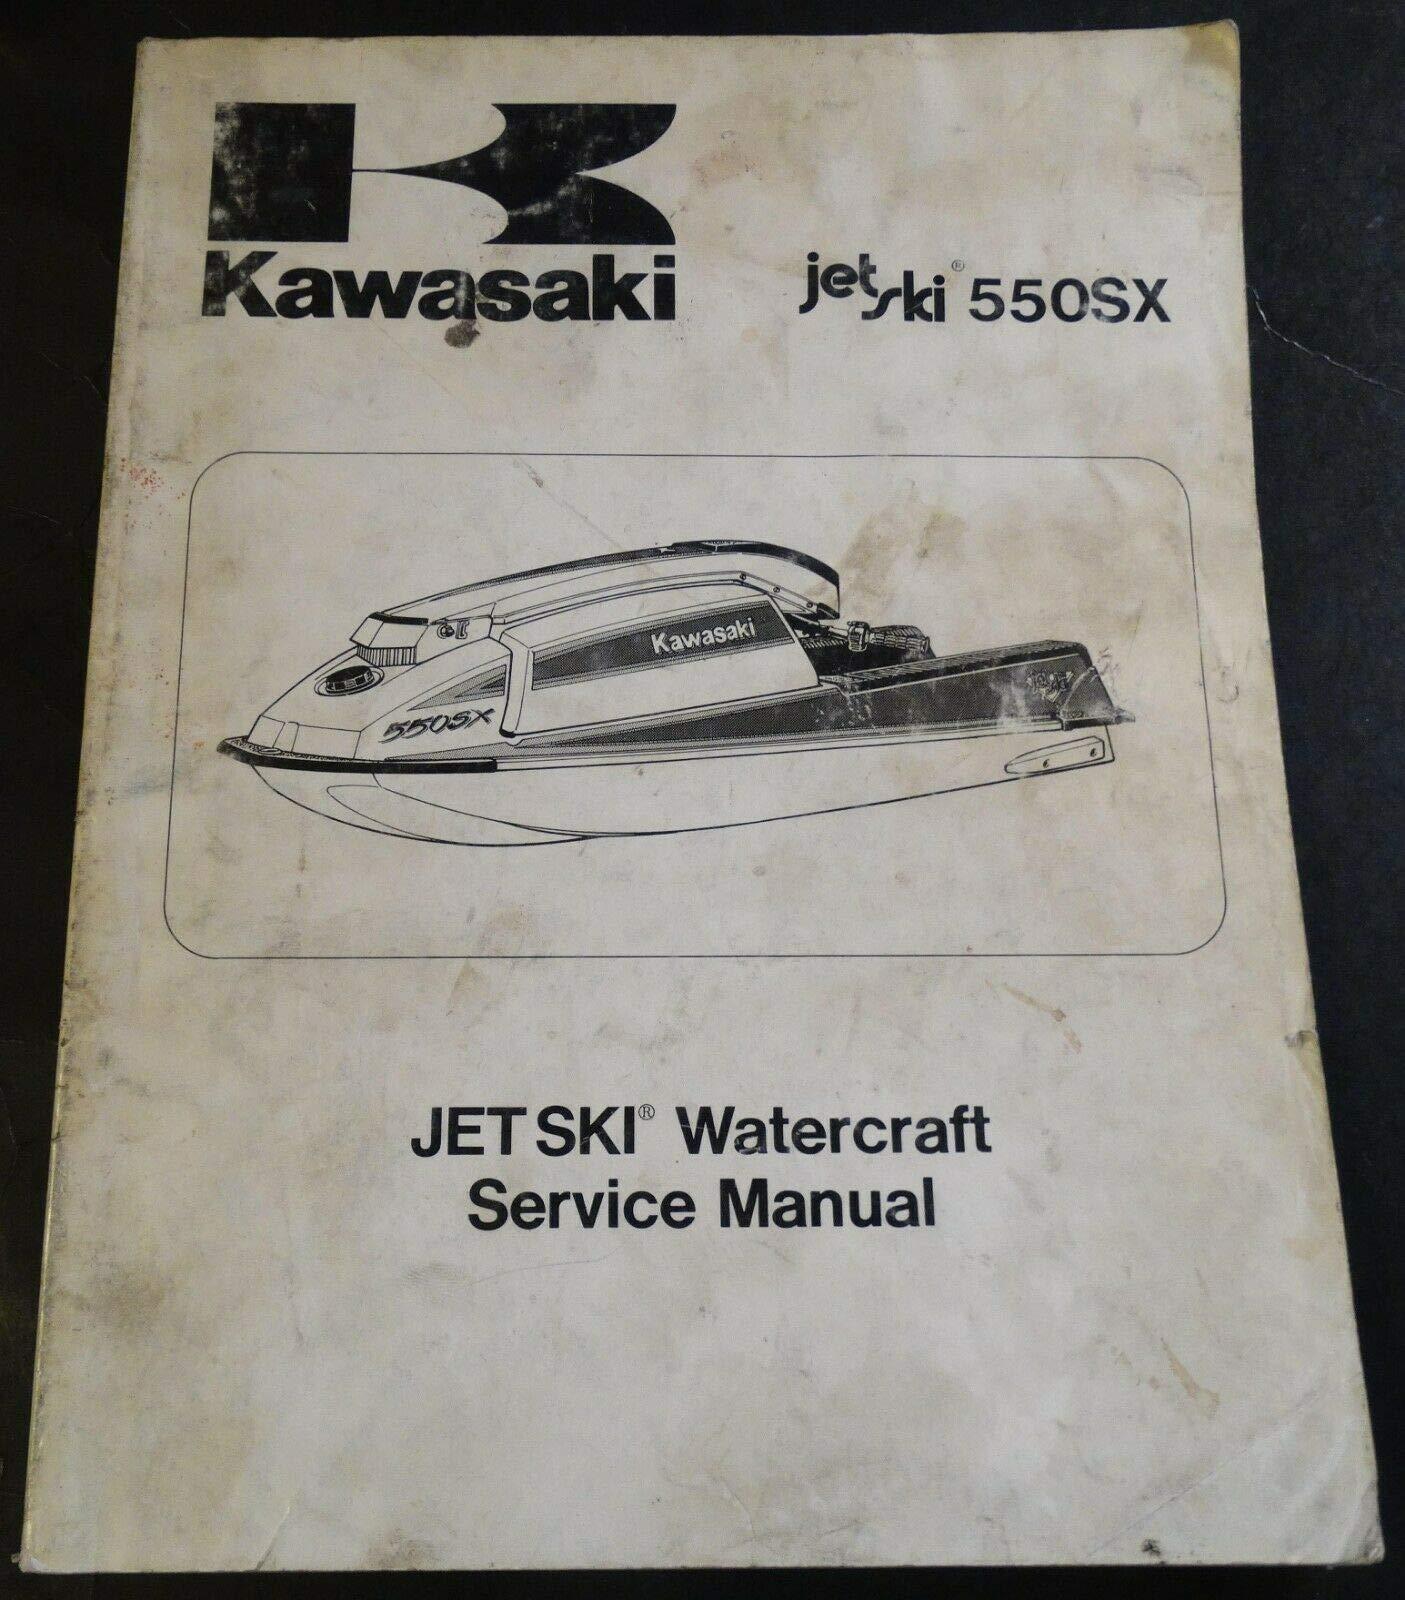 1990 Kawasaki Jet Ski 550sx P N 99924 1120 01 Service Manual 726 Kawasaki Amazon Com Books